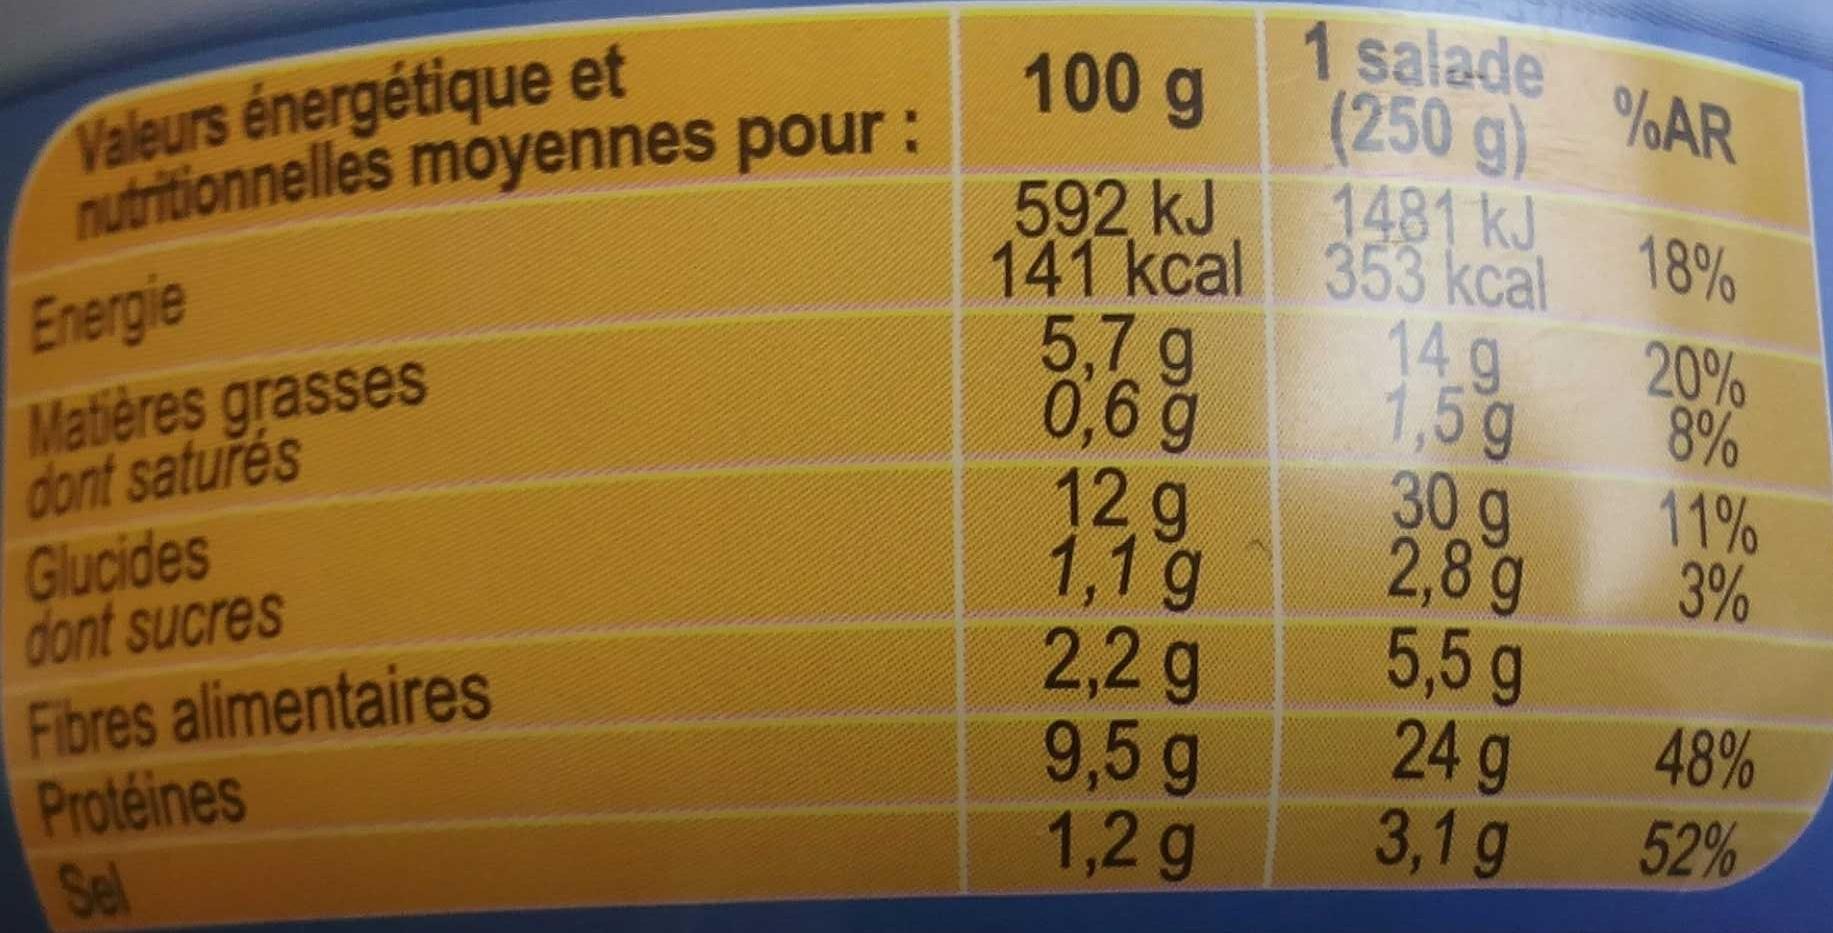 Salade aux légumes au Thon et au riz - Informations nutritionnelles - fr